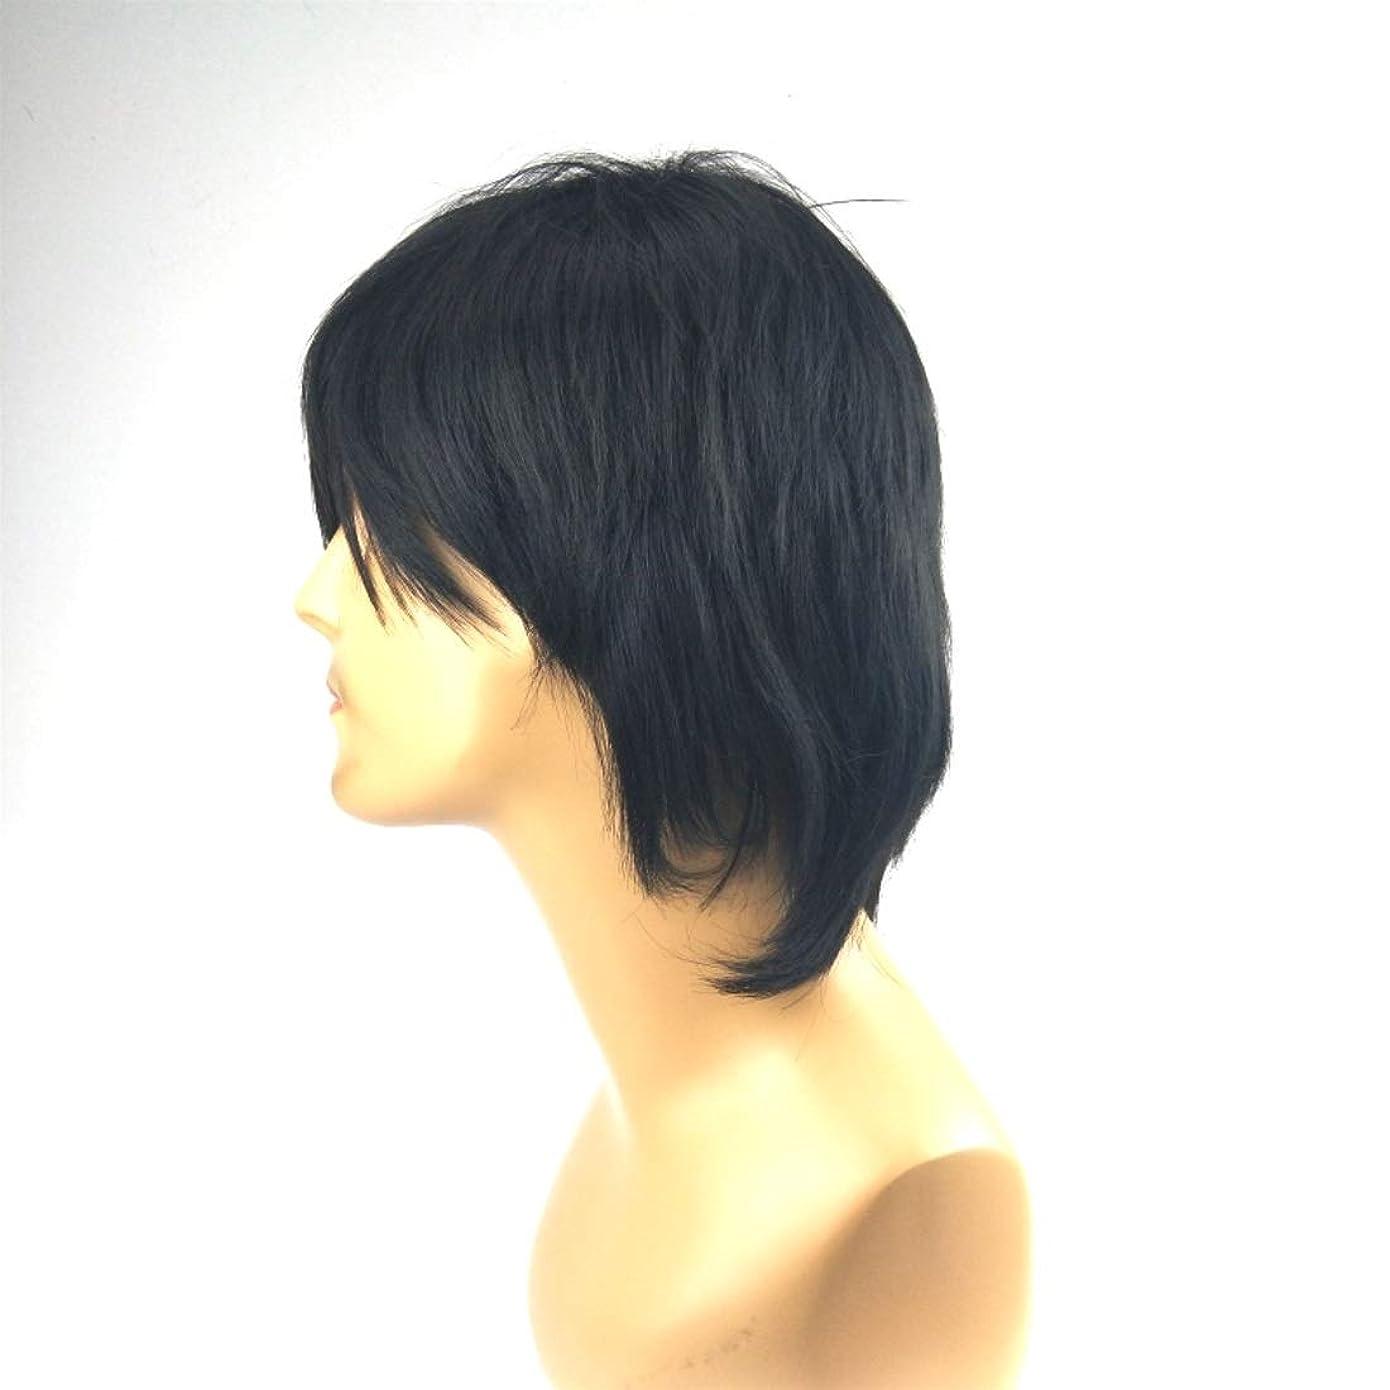 トラブルギャラントリーデッドSummerys 斜め前髪付きメンズショートストレートヘアシルクケミカルファイバーウィッグ